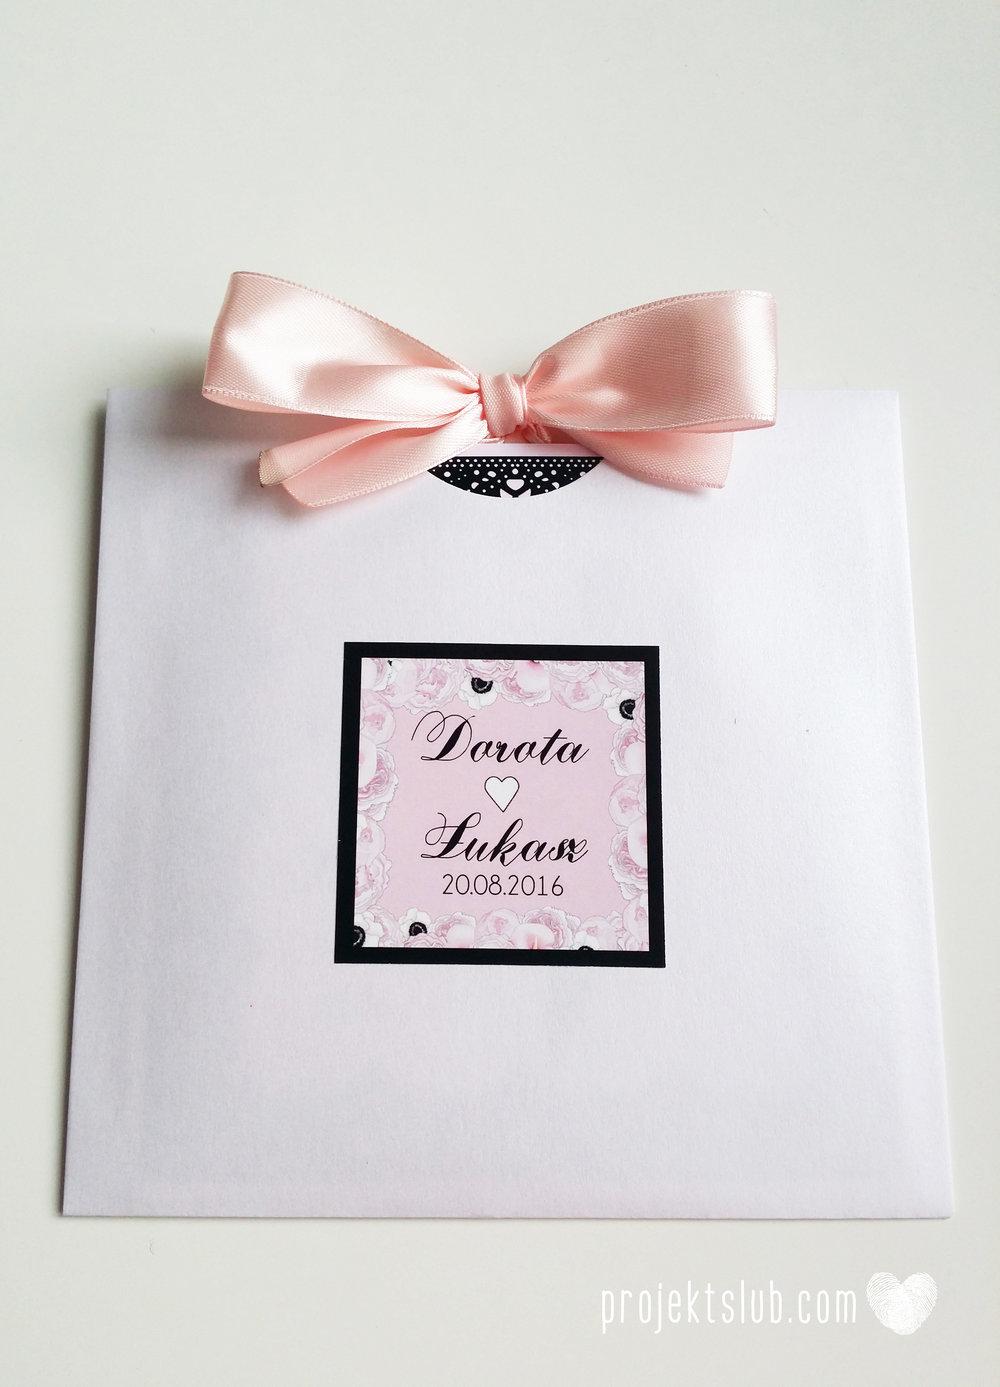 Eleganckie zaproszenia ślubne rysunek pary młodej róż i czerń glamour koronkowe pastelowe Projekt ŚLub (11).jpg